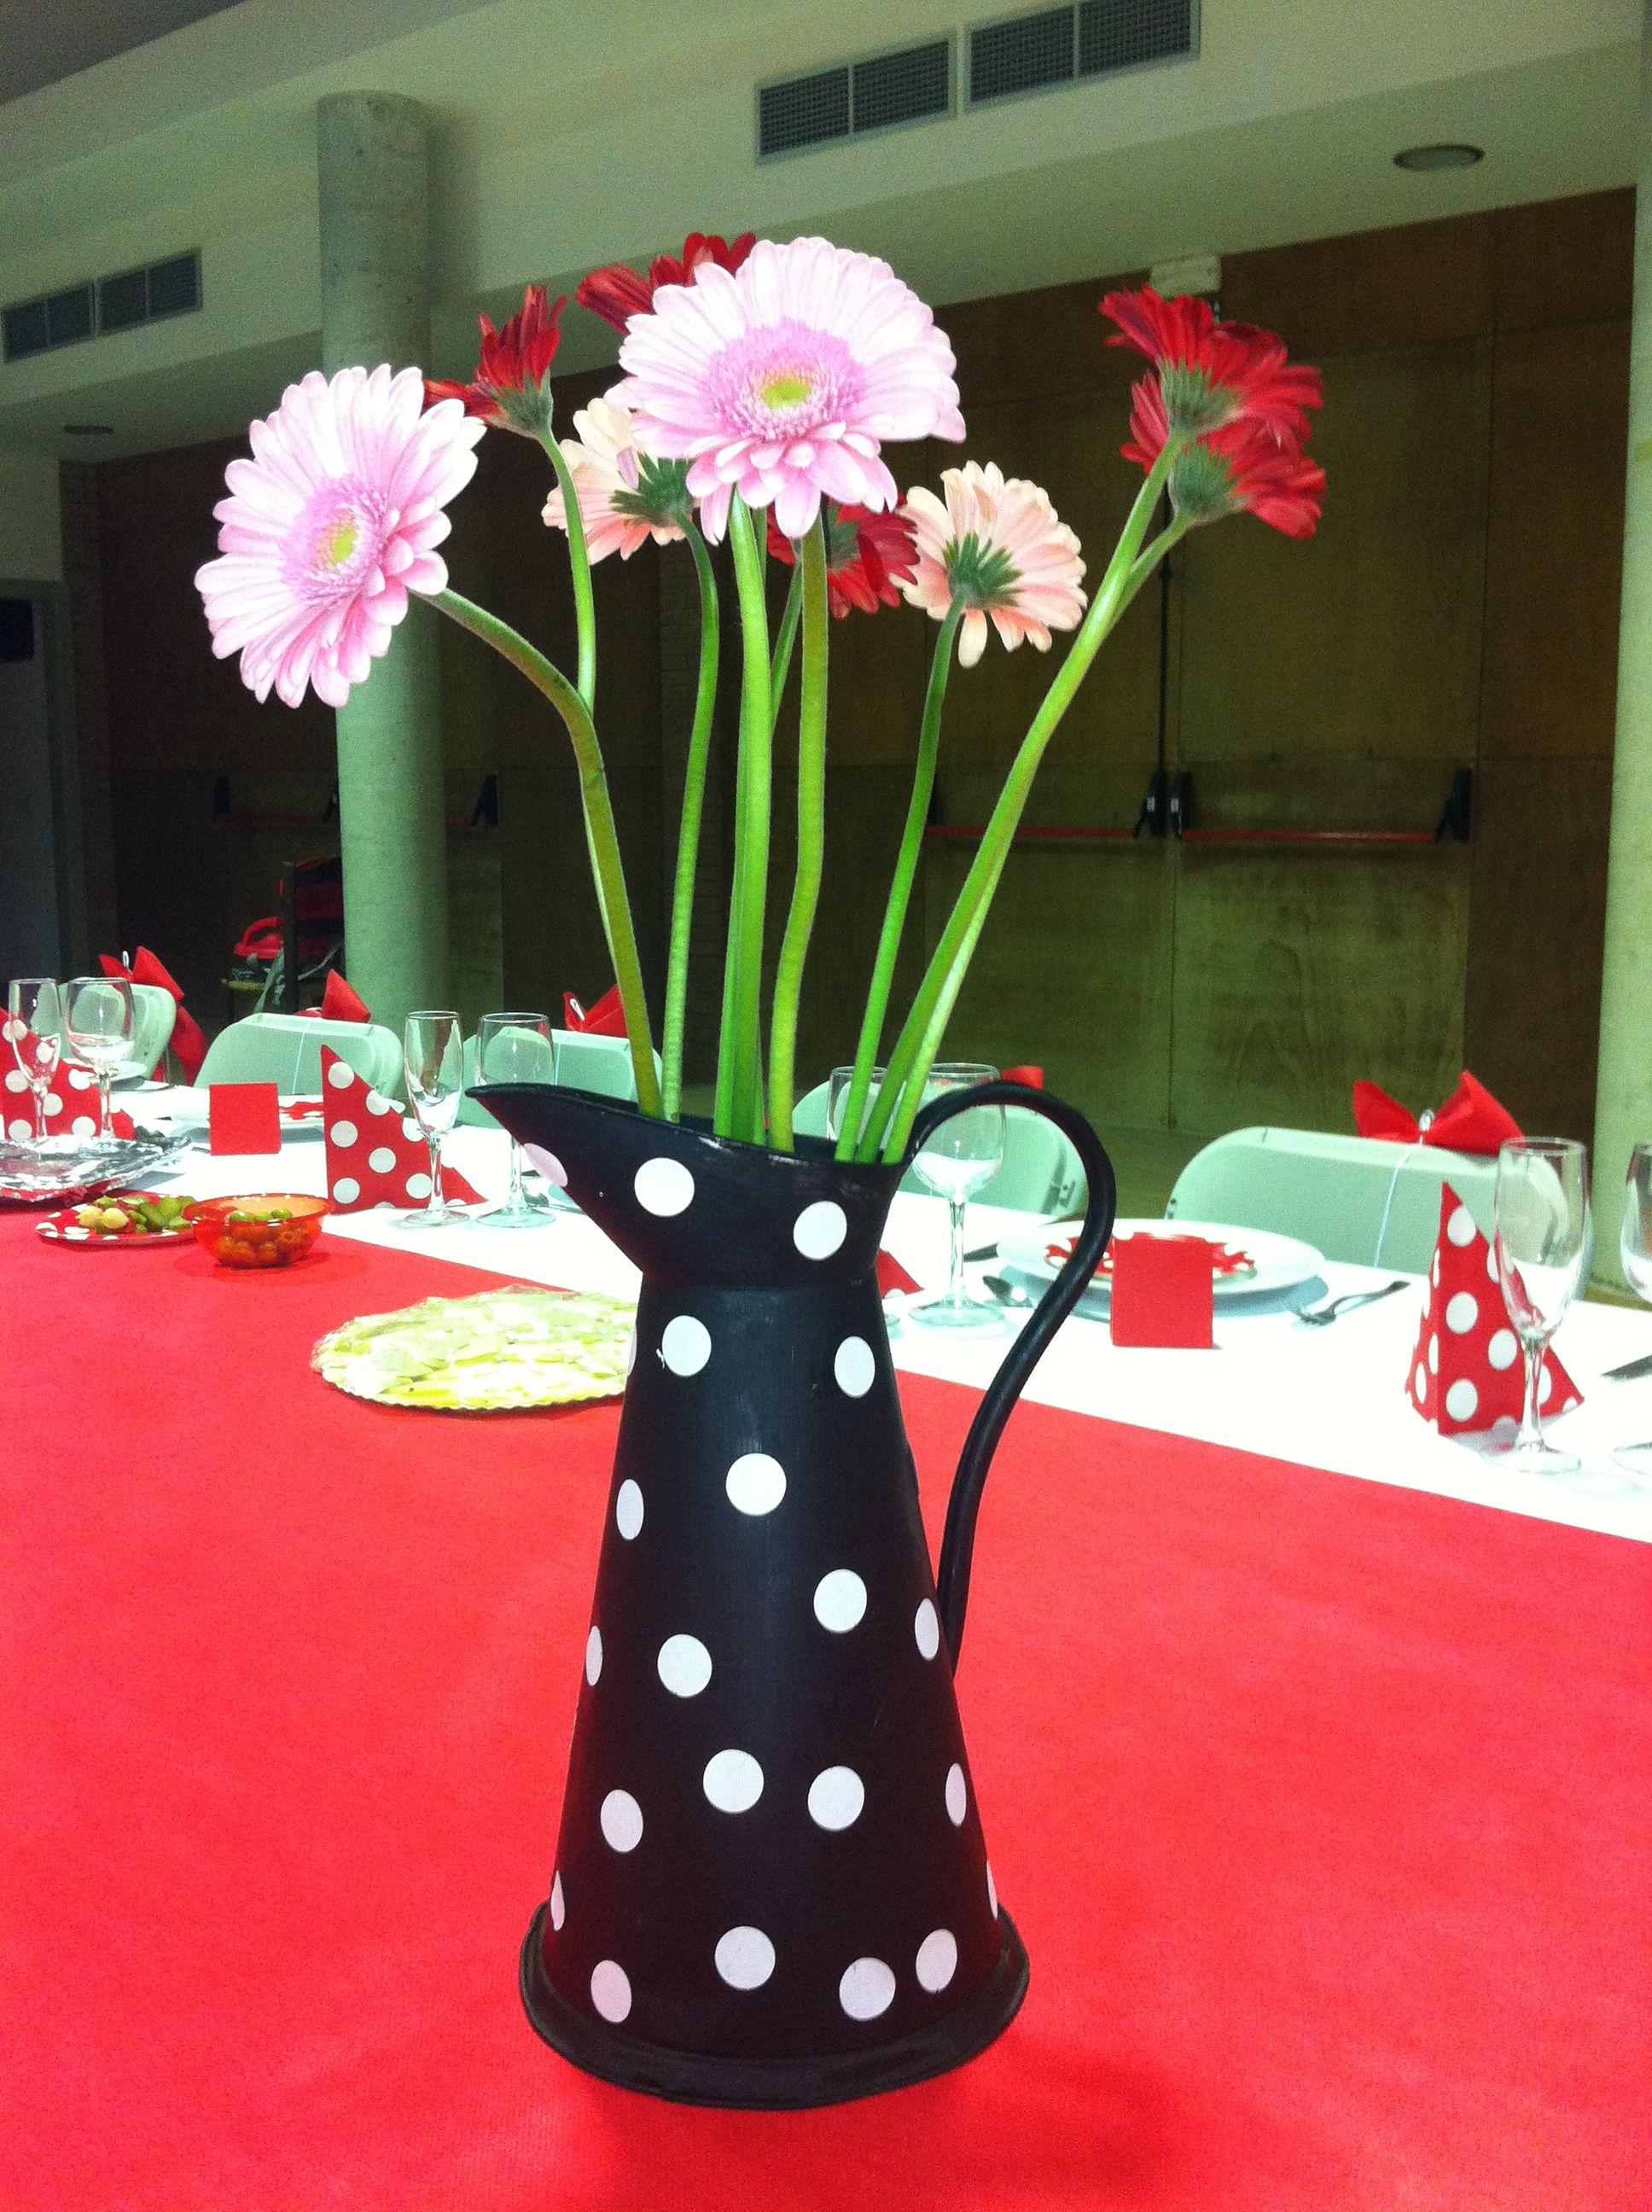 Küchendesign rot und weiß pin von k bert auf red and white polka dot table setting for my